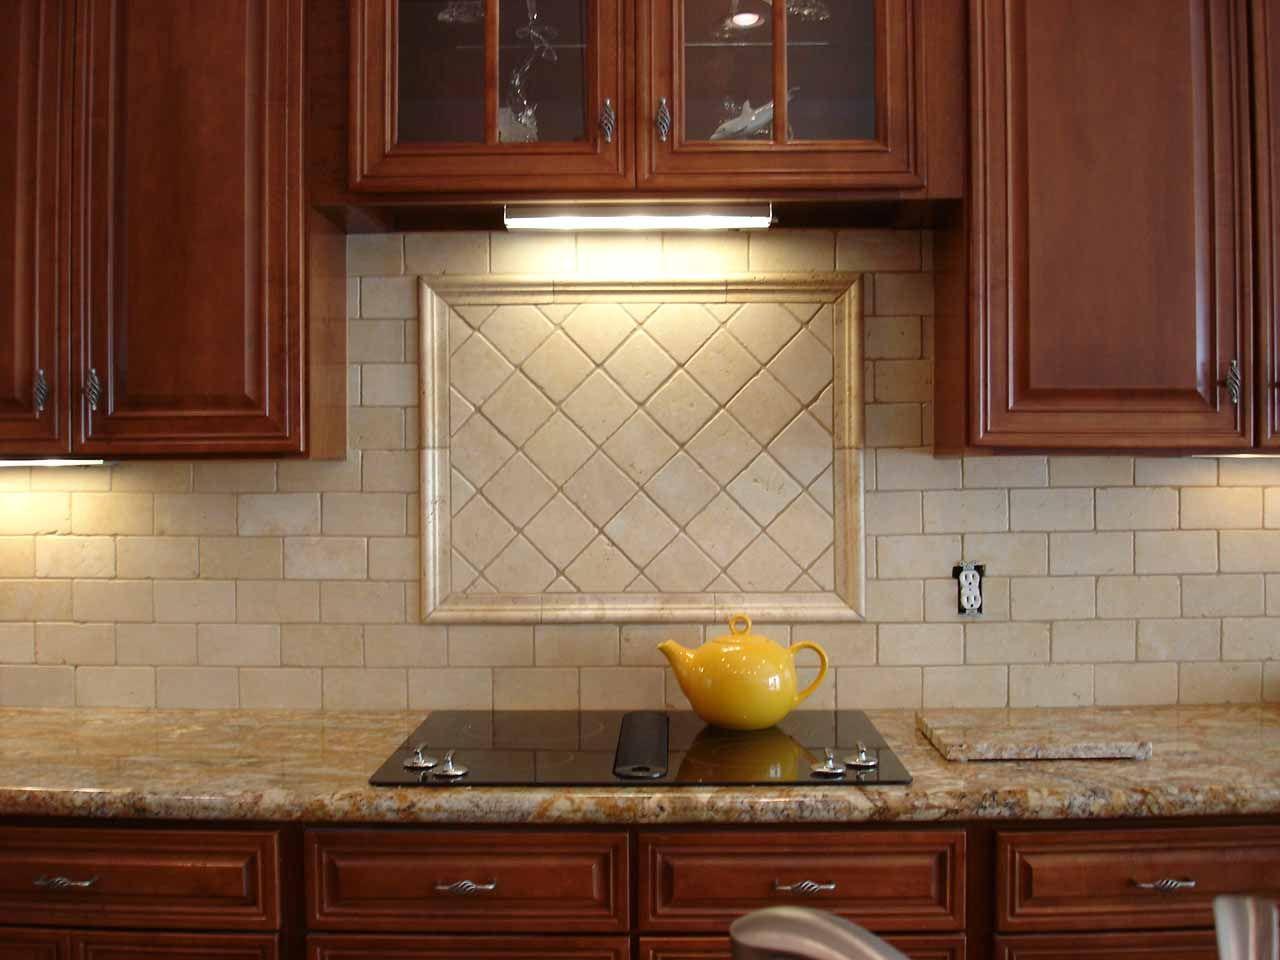 - 75 Kitchen Backsplash Ideas For 2020 (Tile, Glass, Metal Etc